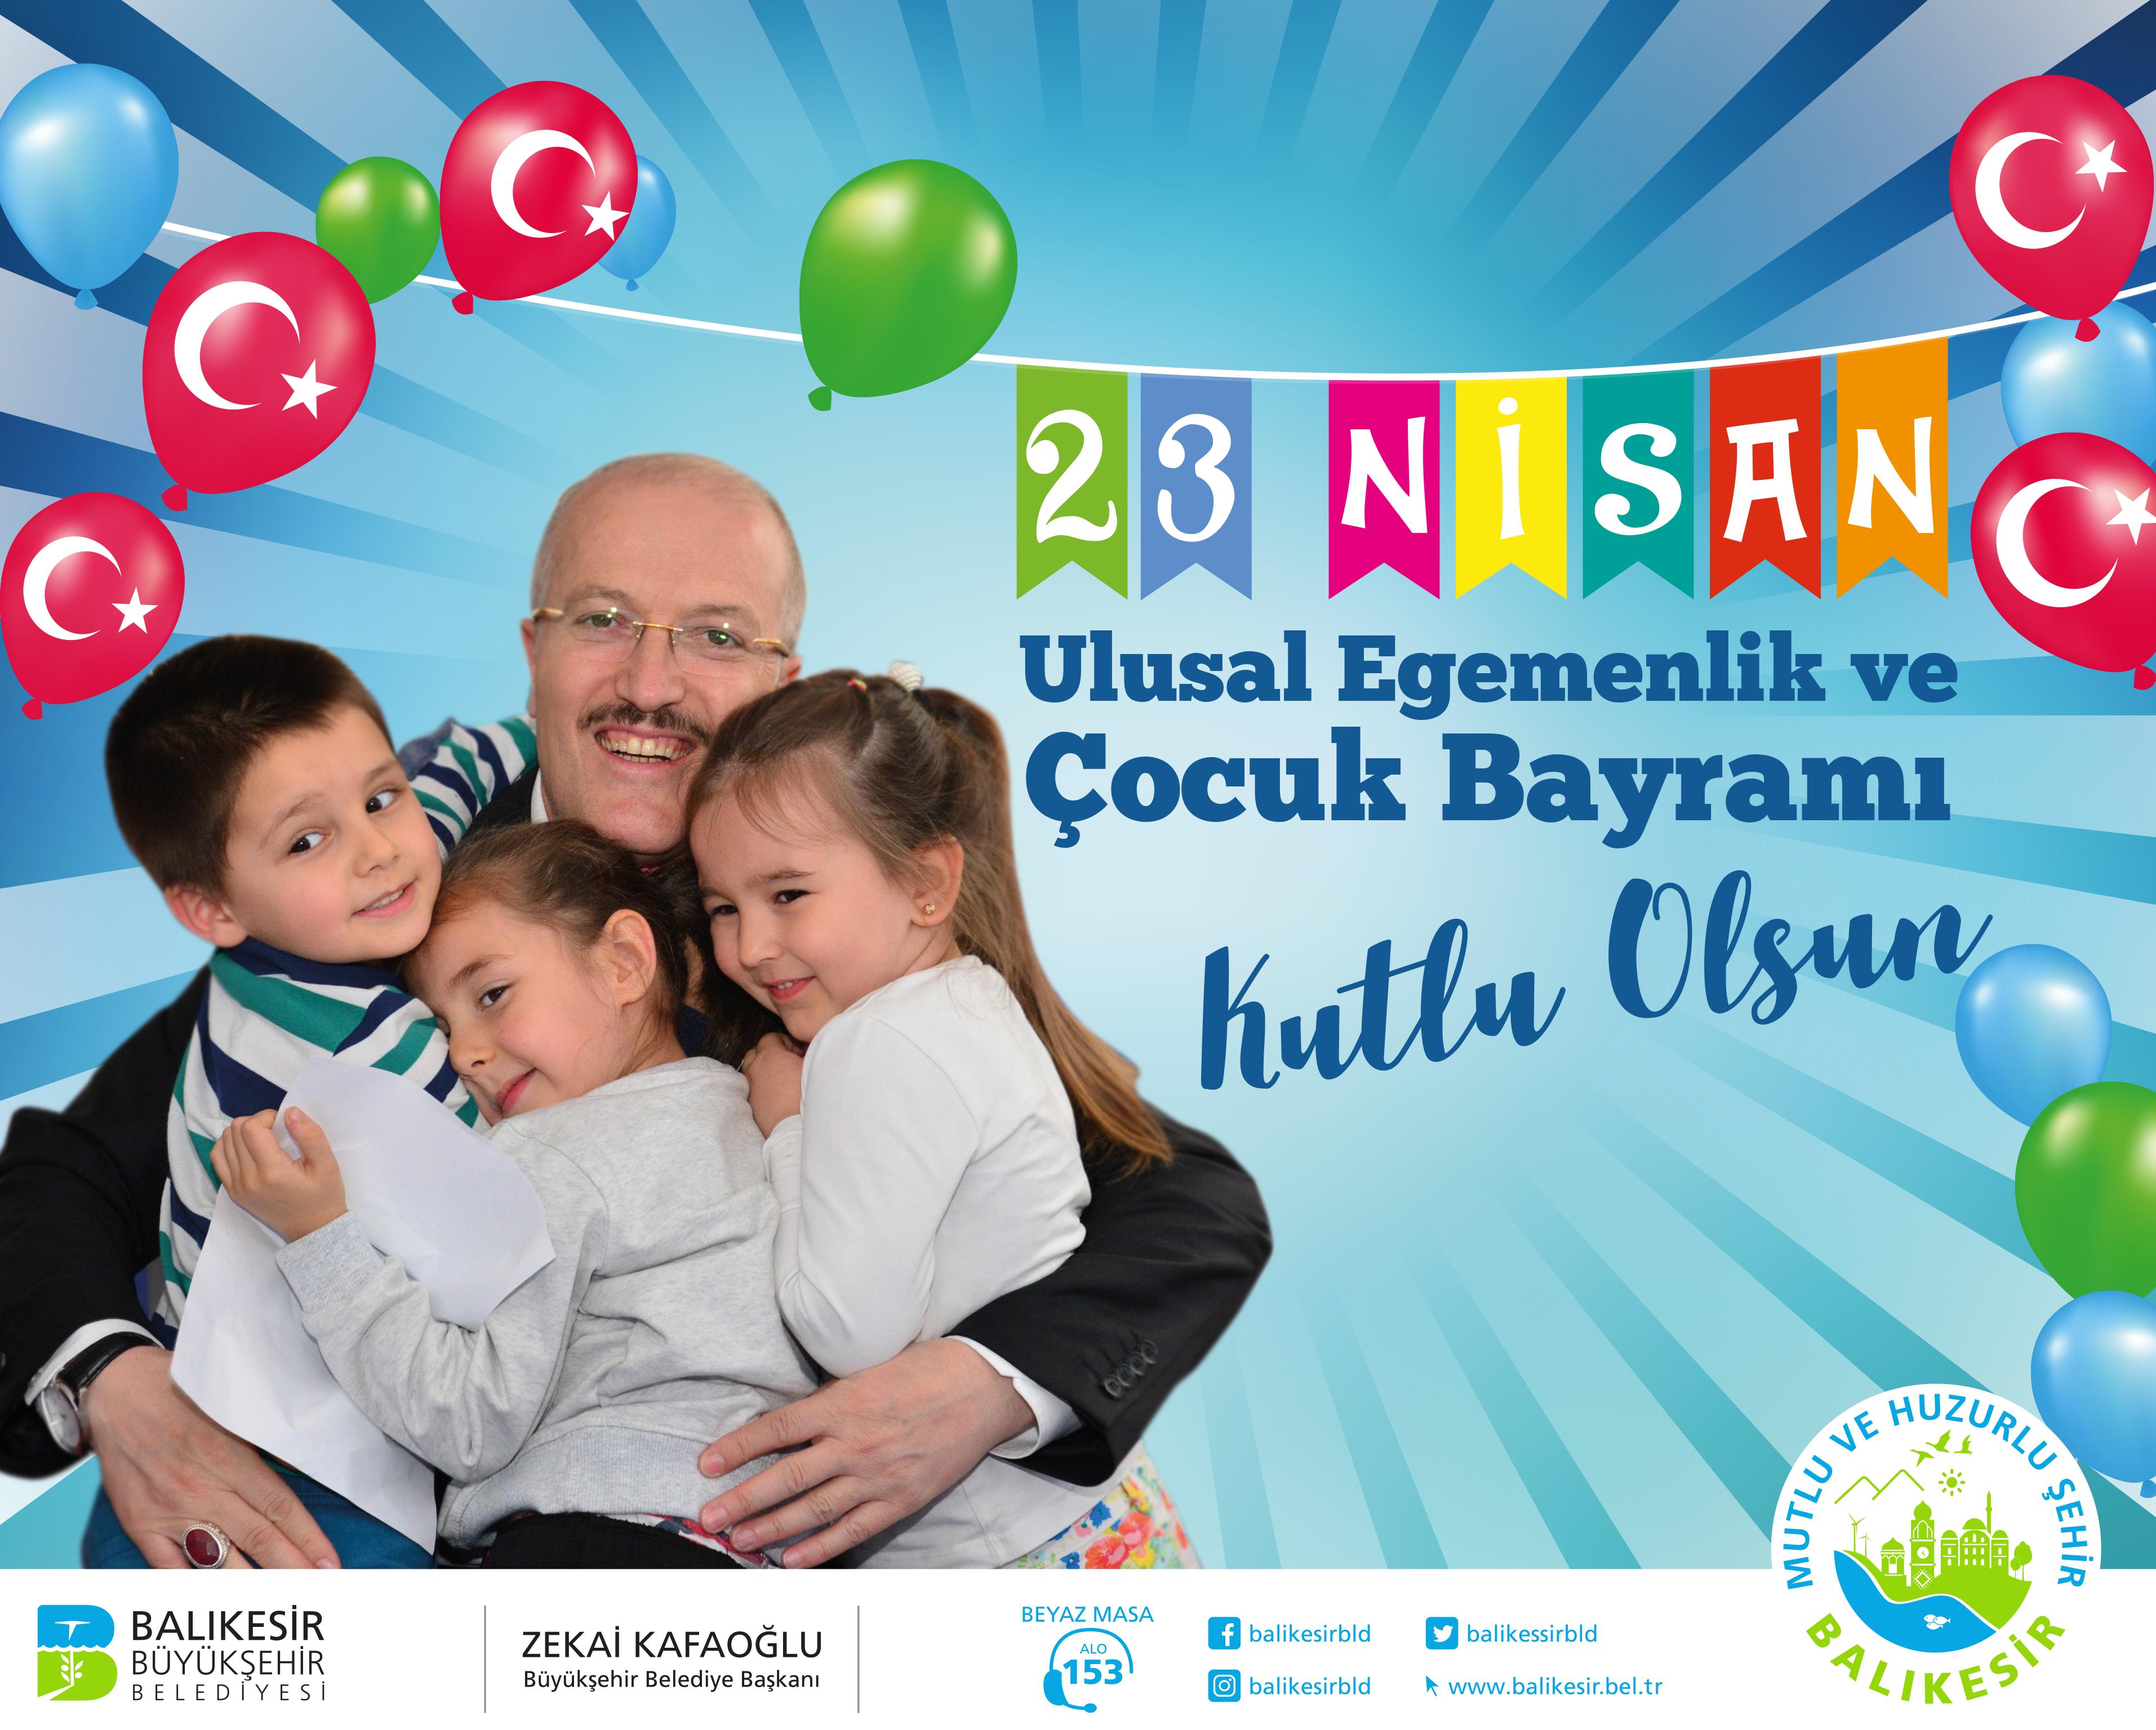 Balıkesir Büyükşehir Belediyesi 23 Nisan Kutlaması